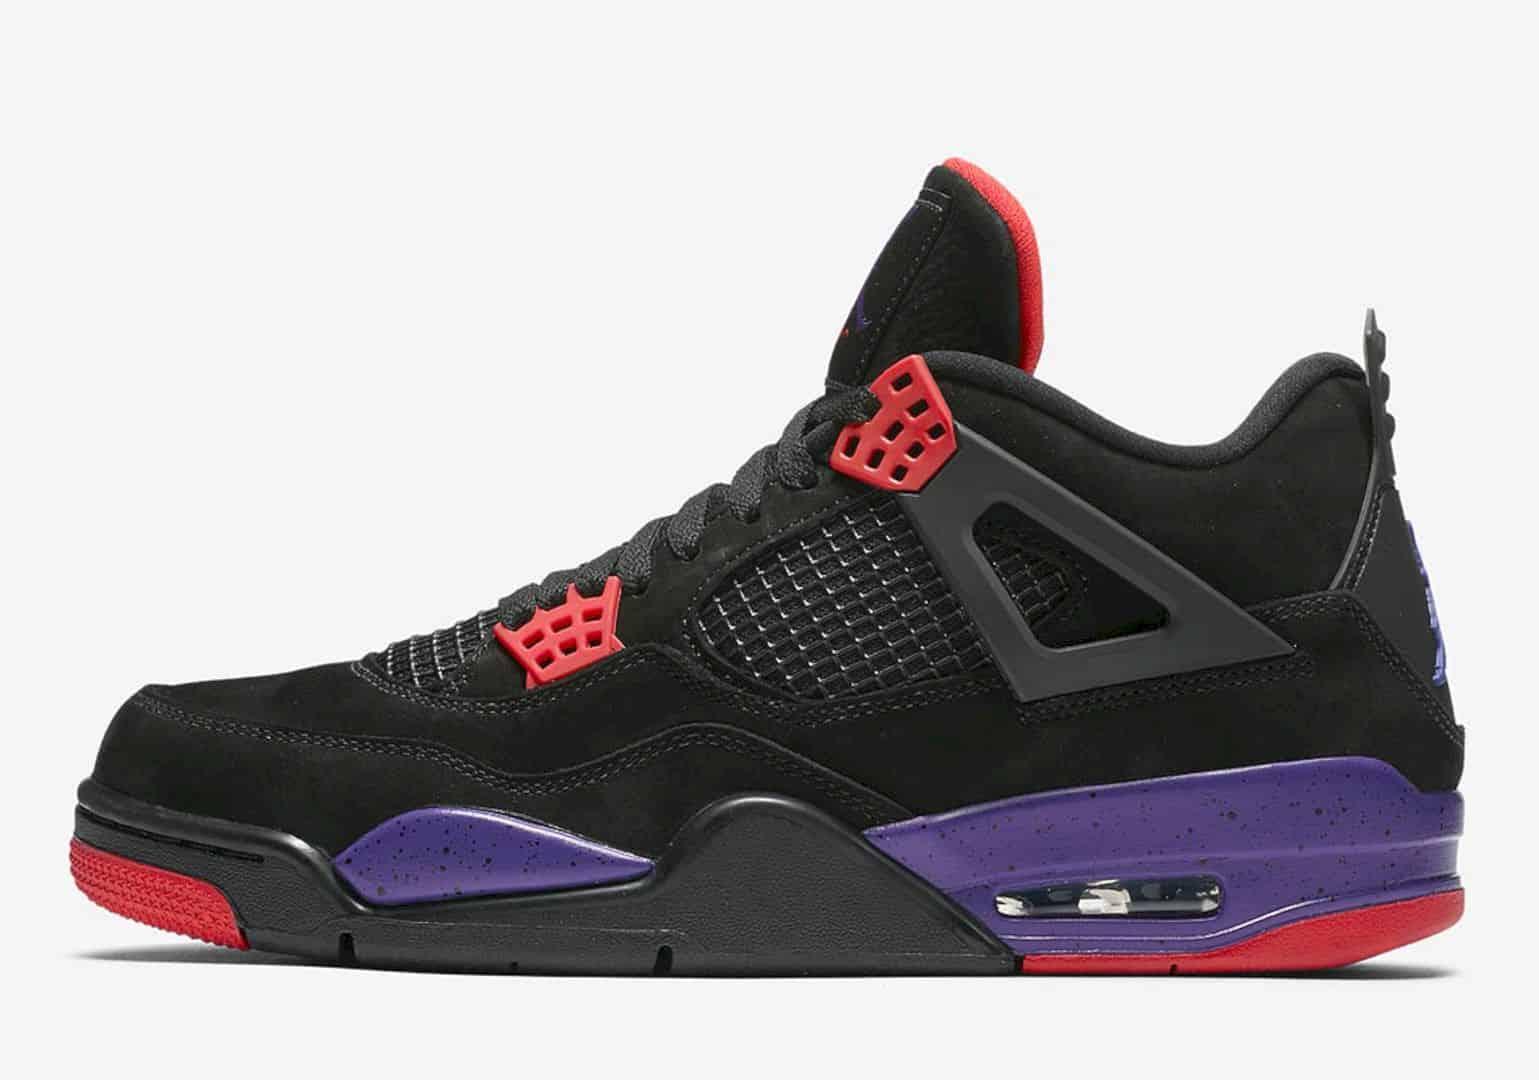 Air Jordan 4 Raptors 2